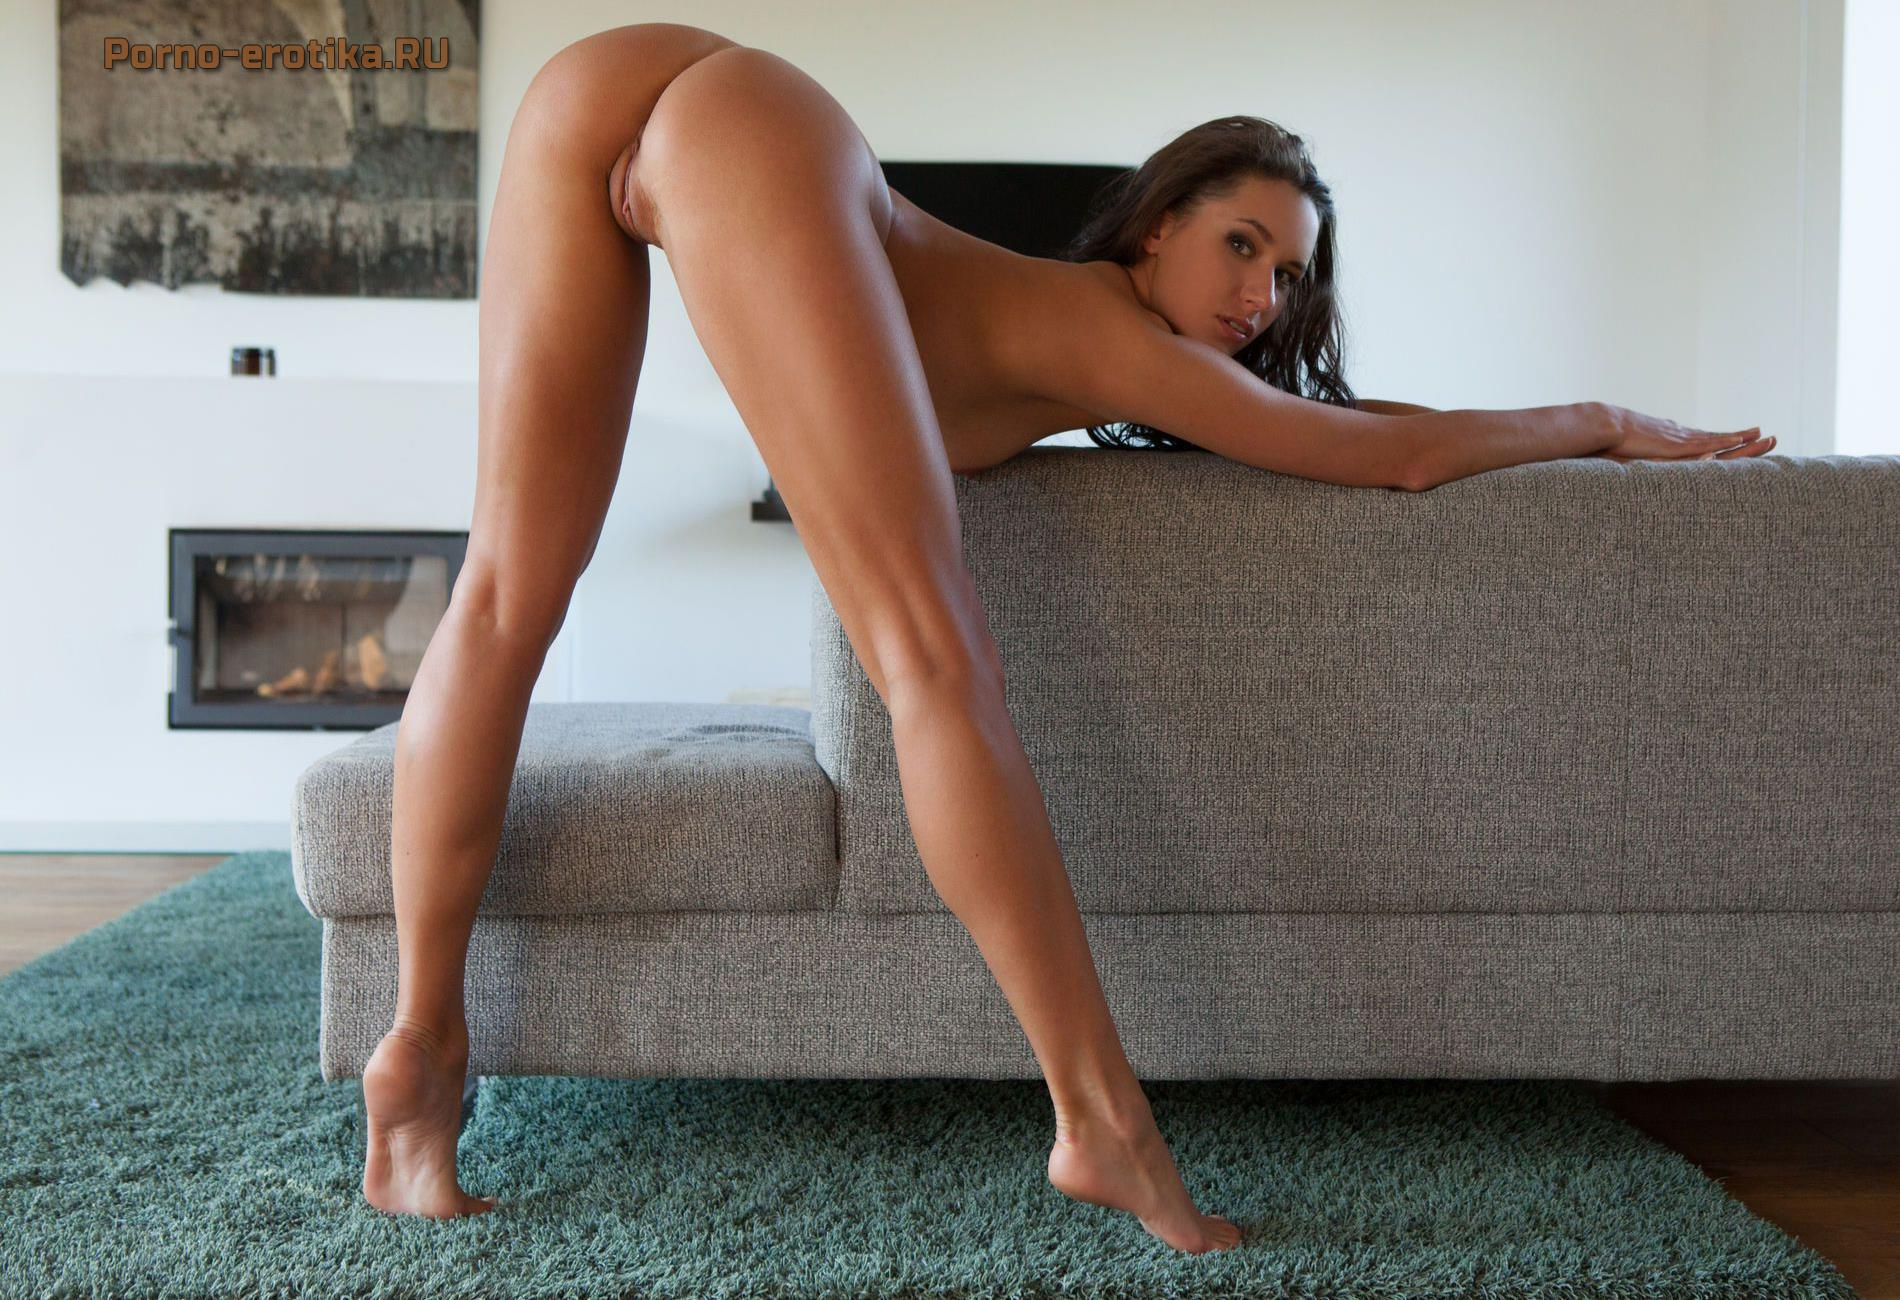 Порево с длинными ногами